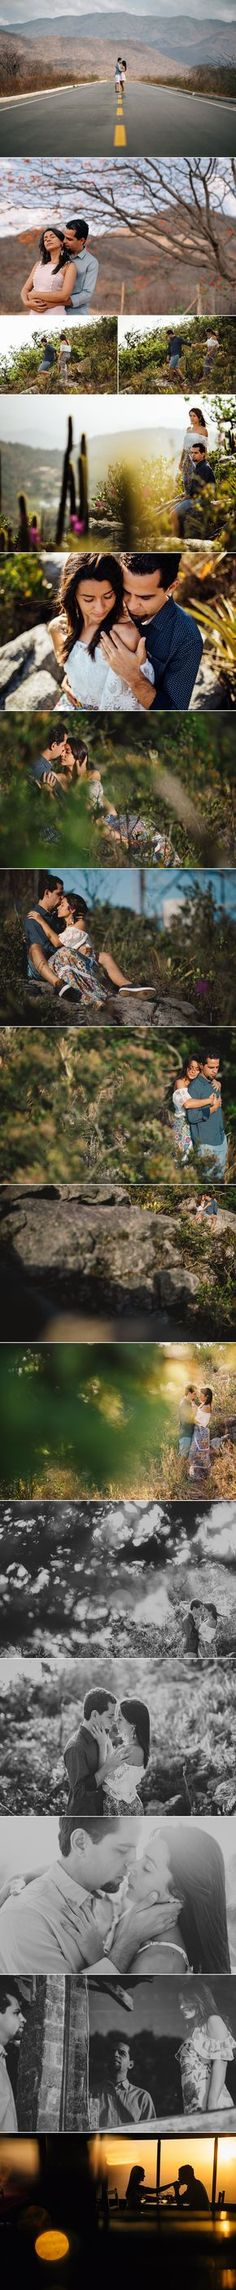 e-session de Monique e Diego em Guaramiranga-CE. Ideias de fotos pré-casamento, inspiração, Arthur Rosa, fotógrafos de casamento, fotos de casal.